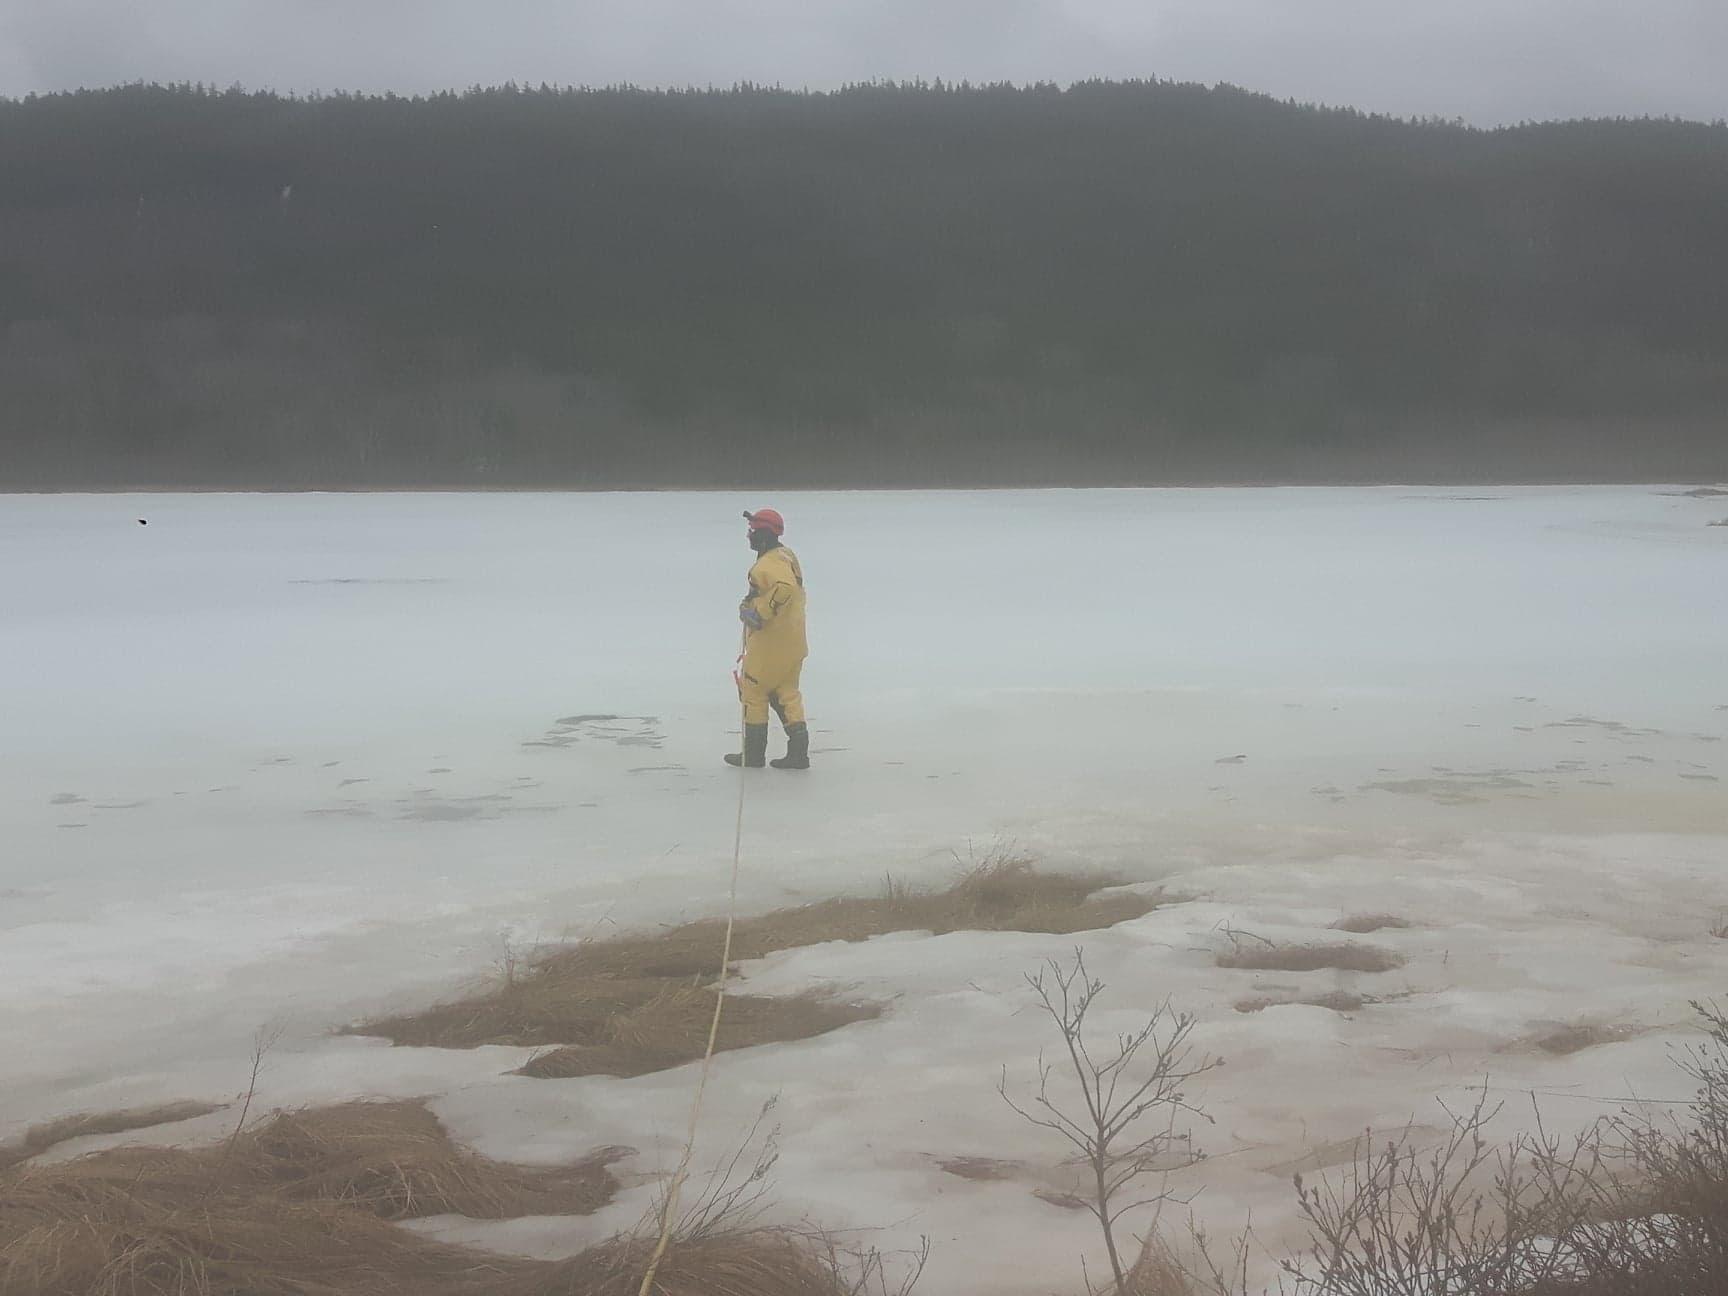 https://0901.nccdn.net/4_2/000/000/046/6ea/walking-on-ice-1728x1296.jpg